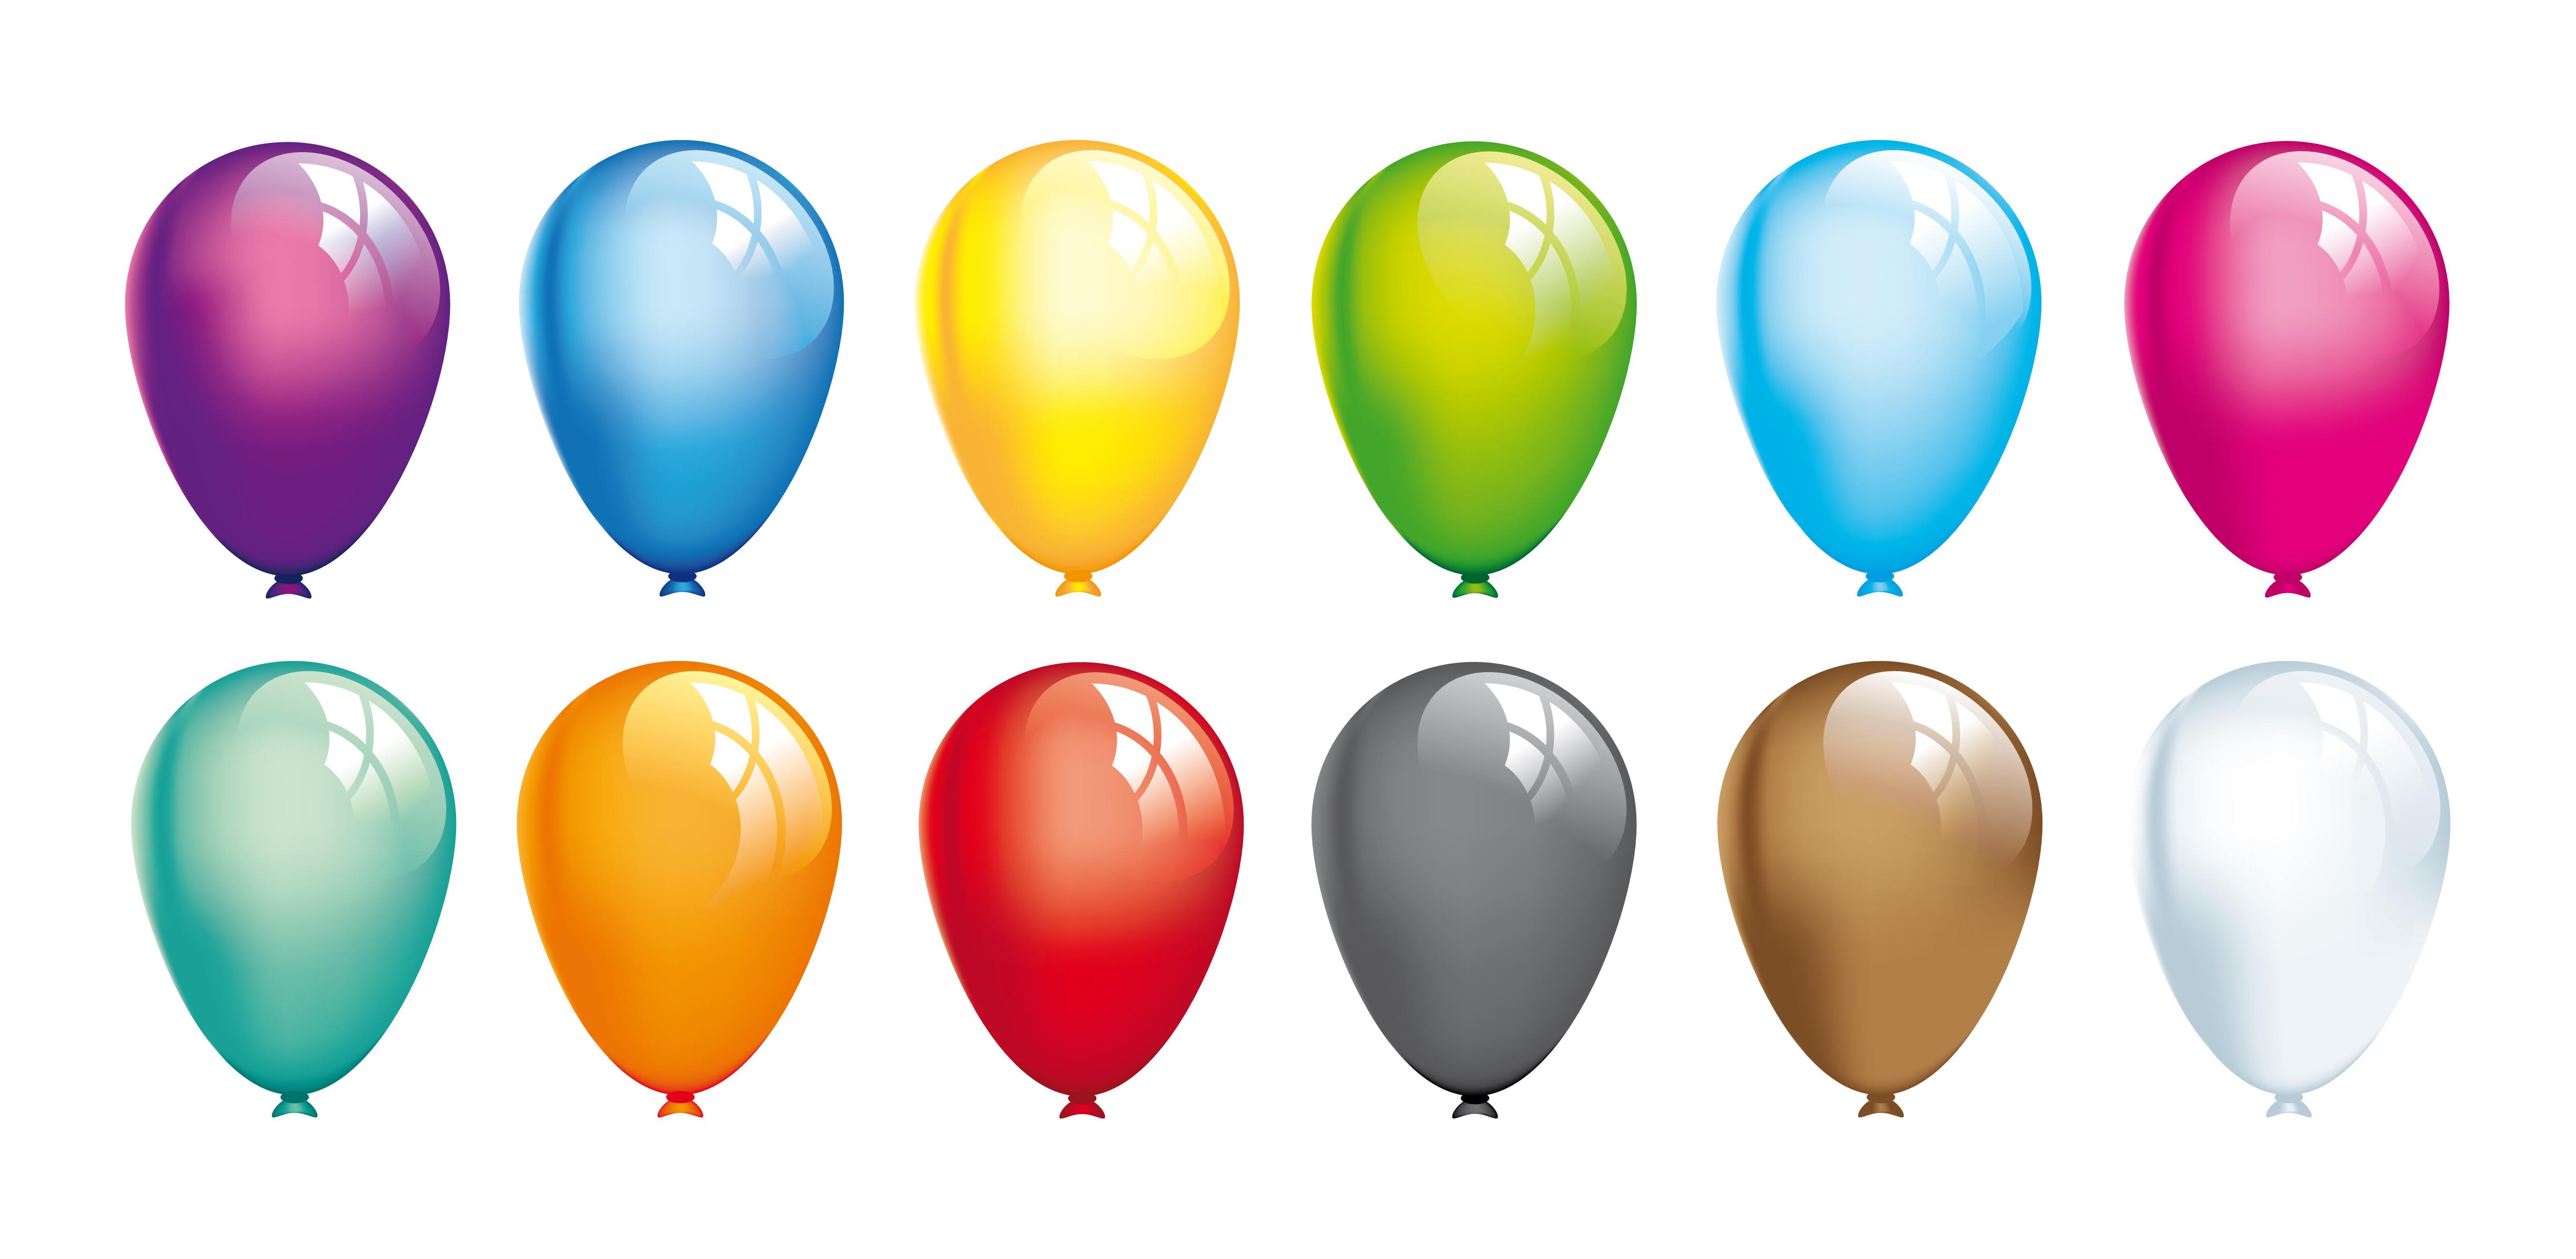 Balloon Vector Art